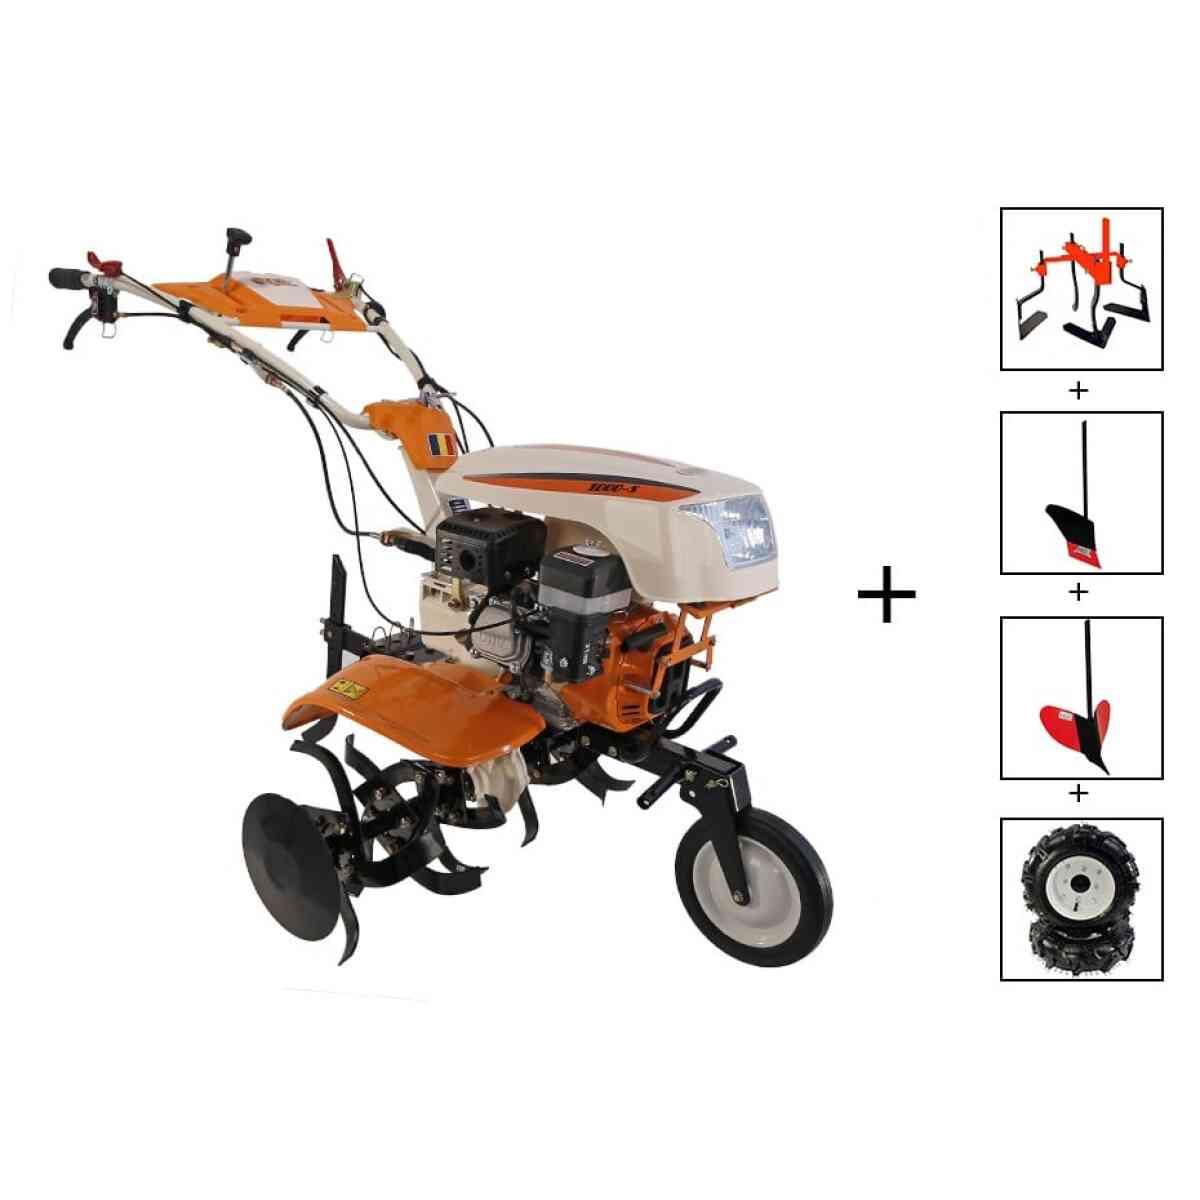 motocultor o mac new 1000 s 8cp cu roti cauciuc plug rarita prasitoare 81